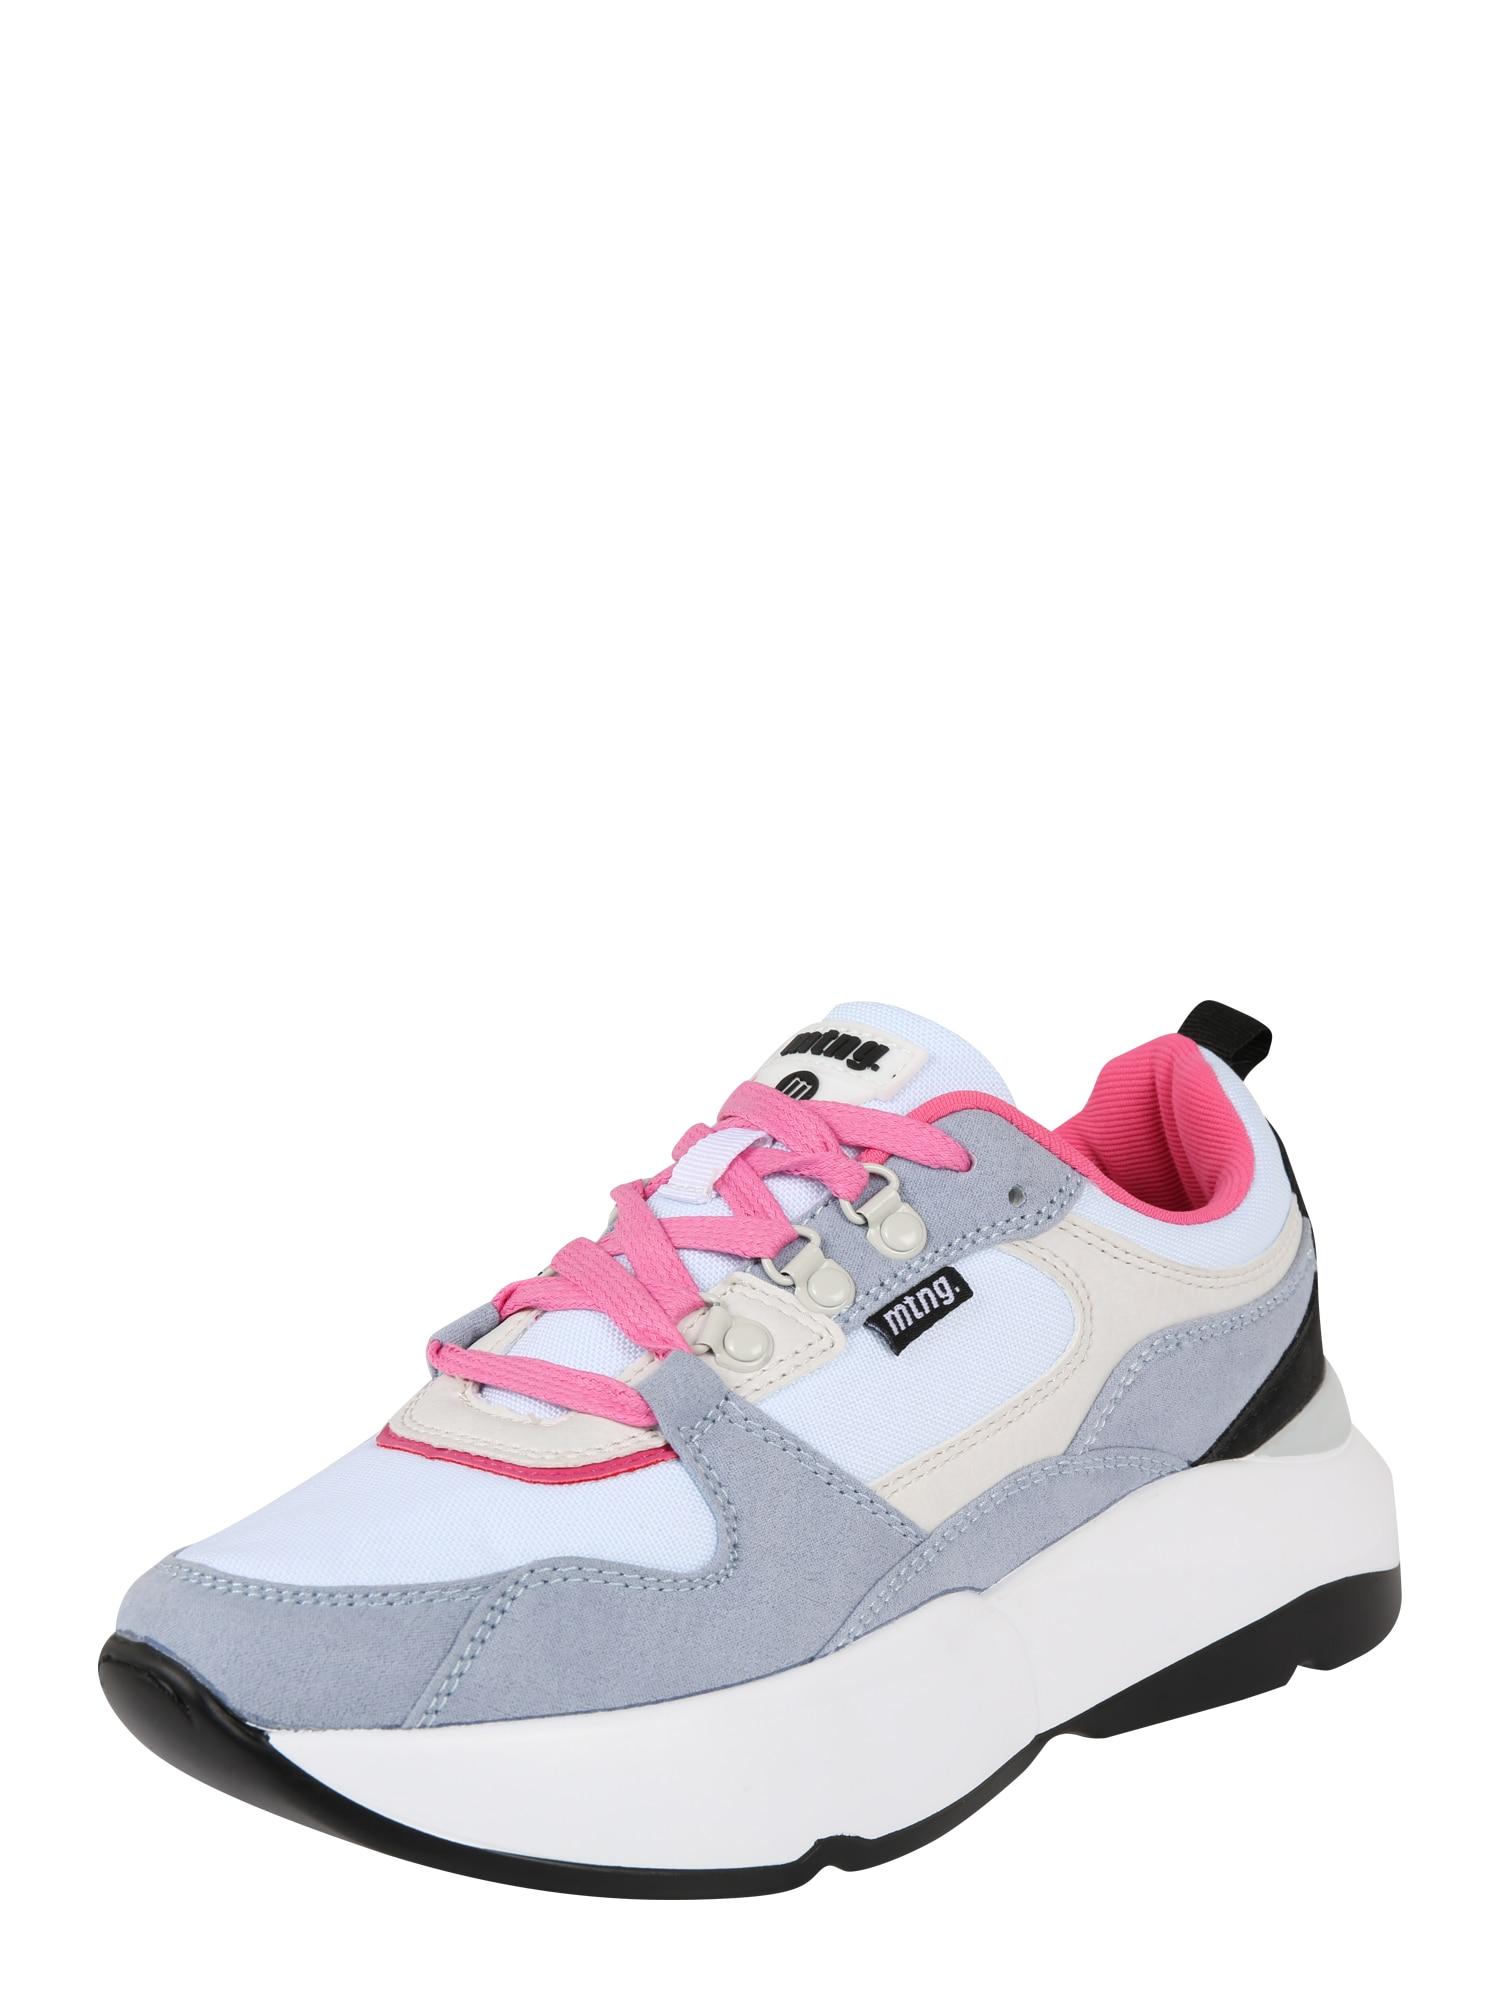 Tenisky MONSTER světle šedá pink offwhite MTNG